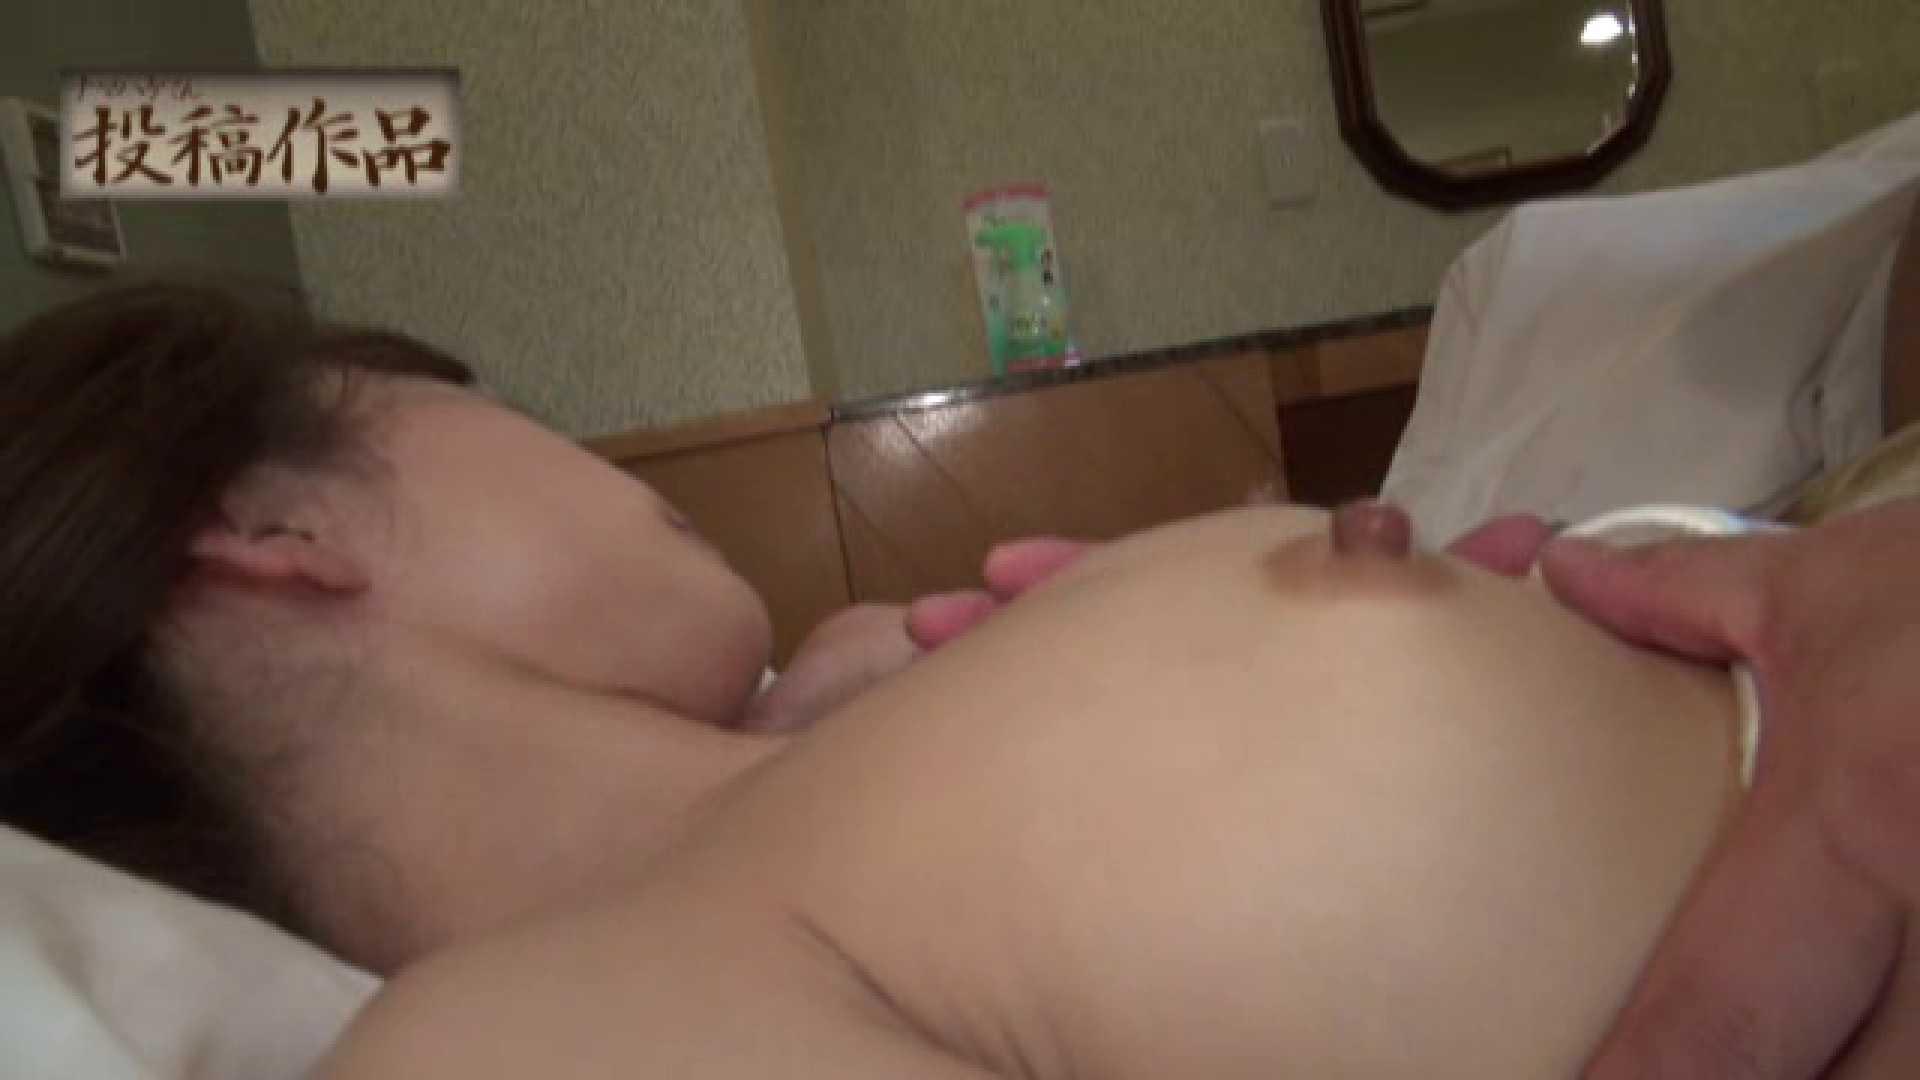 ナマハゲさんのまんこコレクション第二章 suzu 02 マンコ   ビッチなギャル  61pic 12